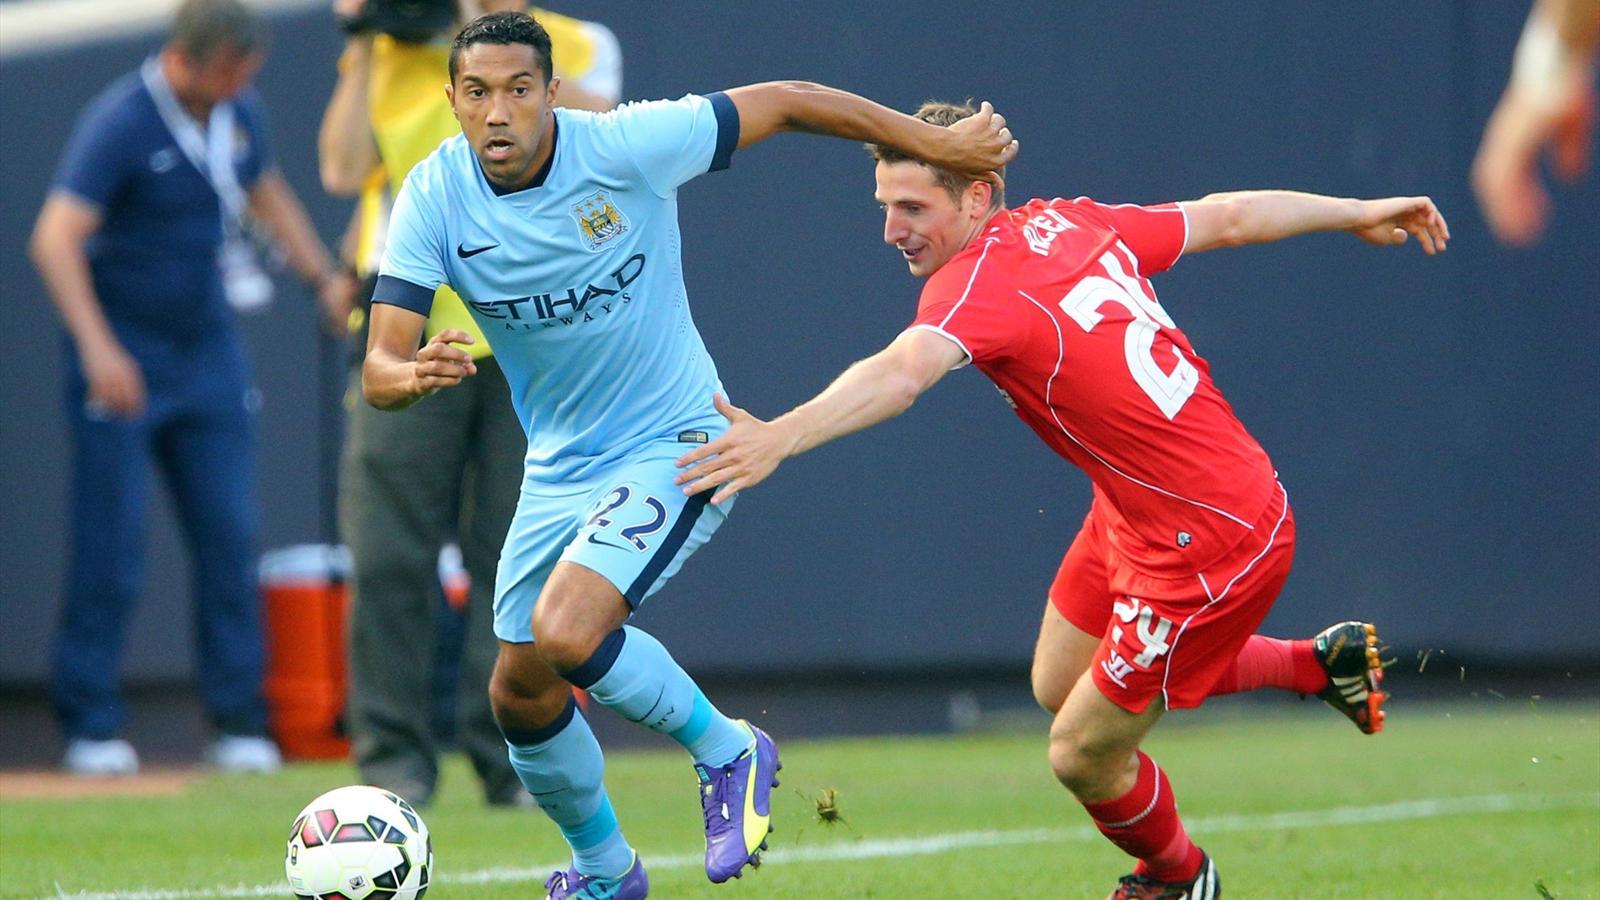 Manchester City defender Gael Clichy in action against Liverpool midfielder Joe Allen at Yankee Stadium (Reuters)